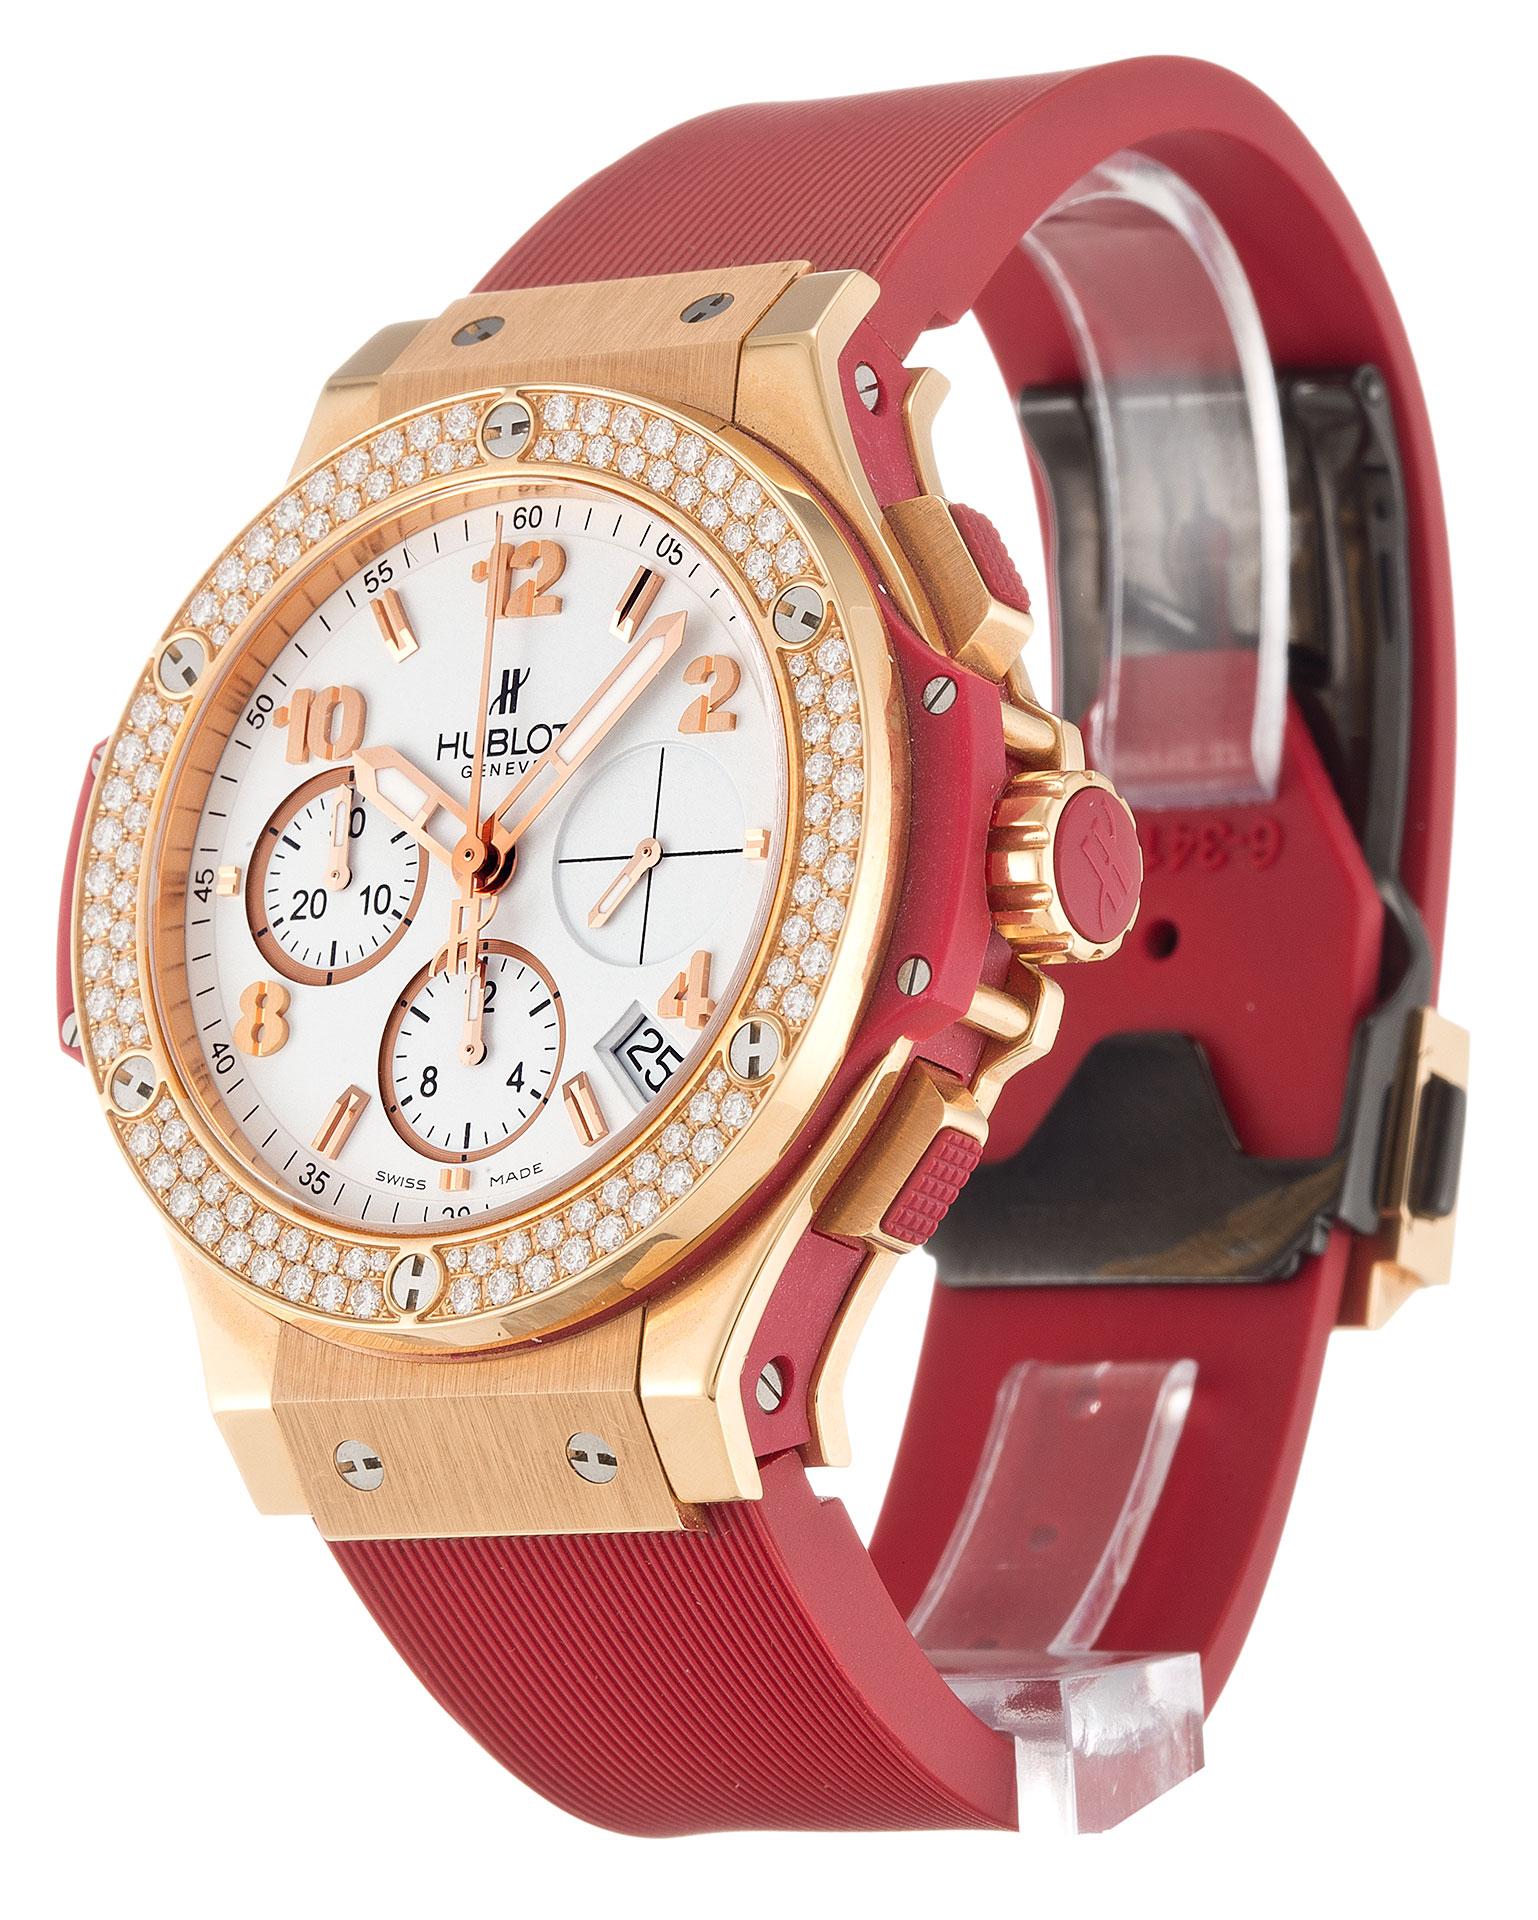 6e14c426298 Dê uma olhada em alguns dos nossos melhores relógios réplica edição ...